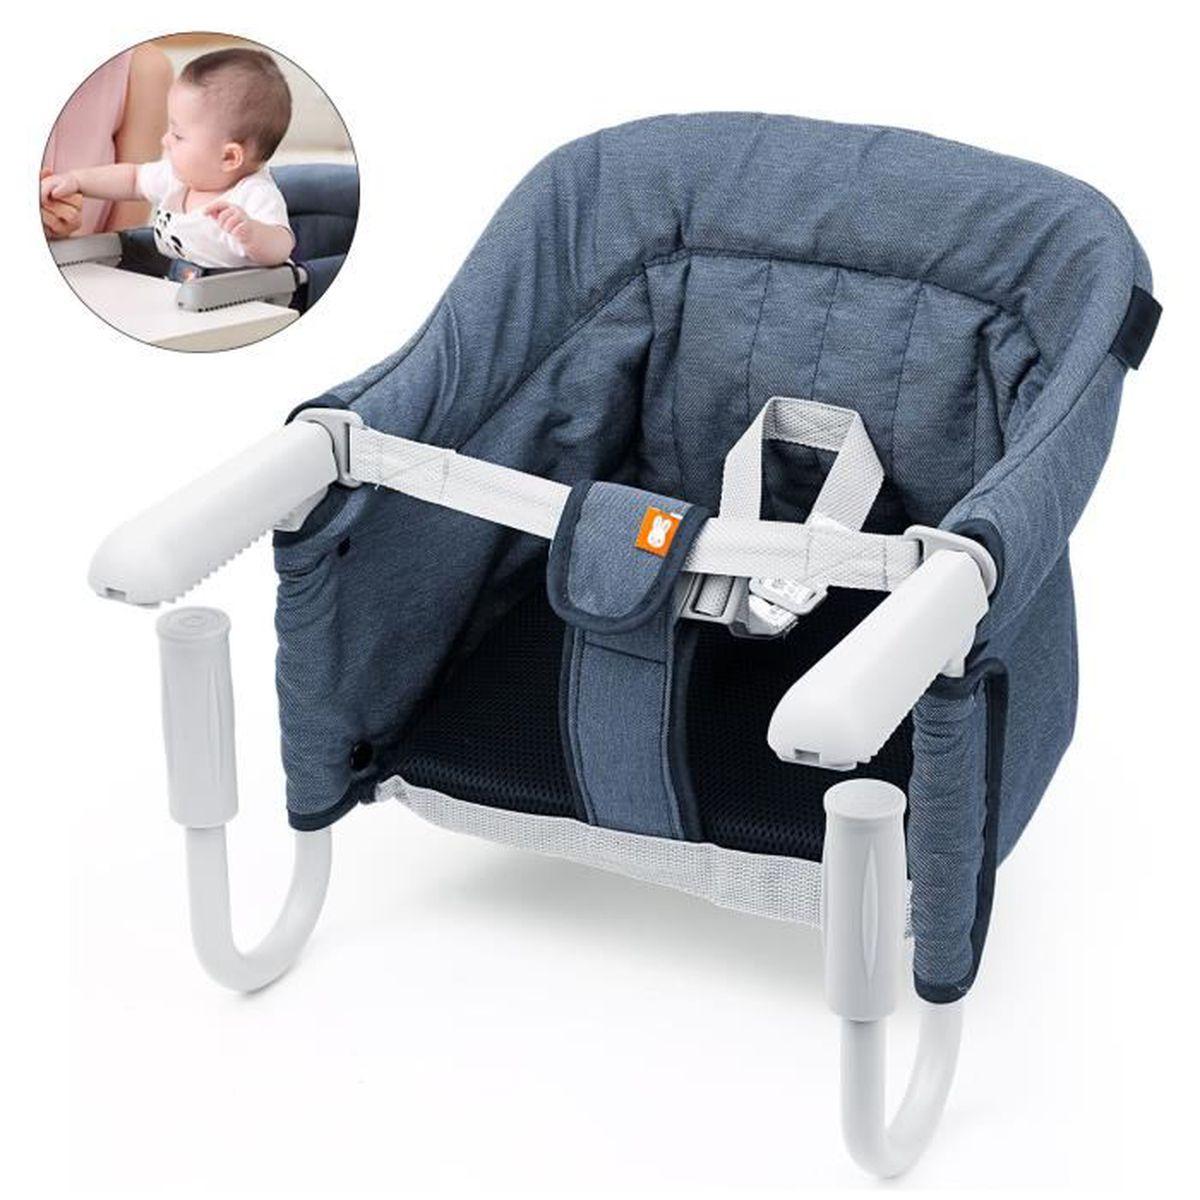 de de Table Baby extérieur haute enfant sac chaise siège intérieur pliante bébé table pour avec sangle Siège transport Yb76gyfv